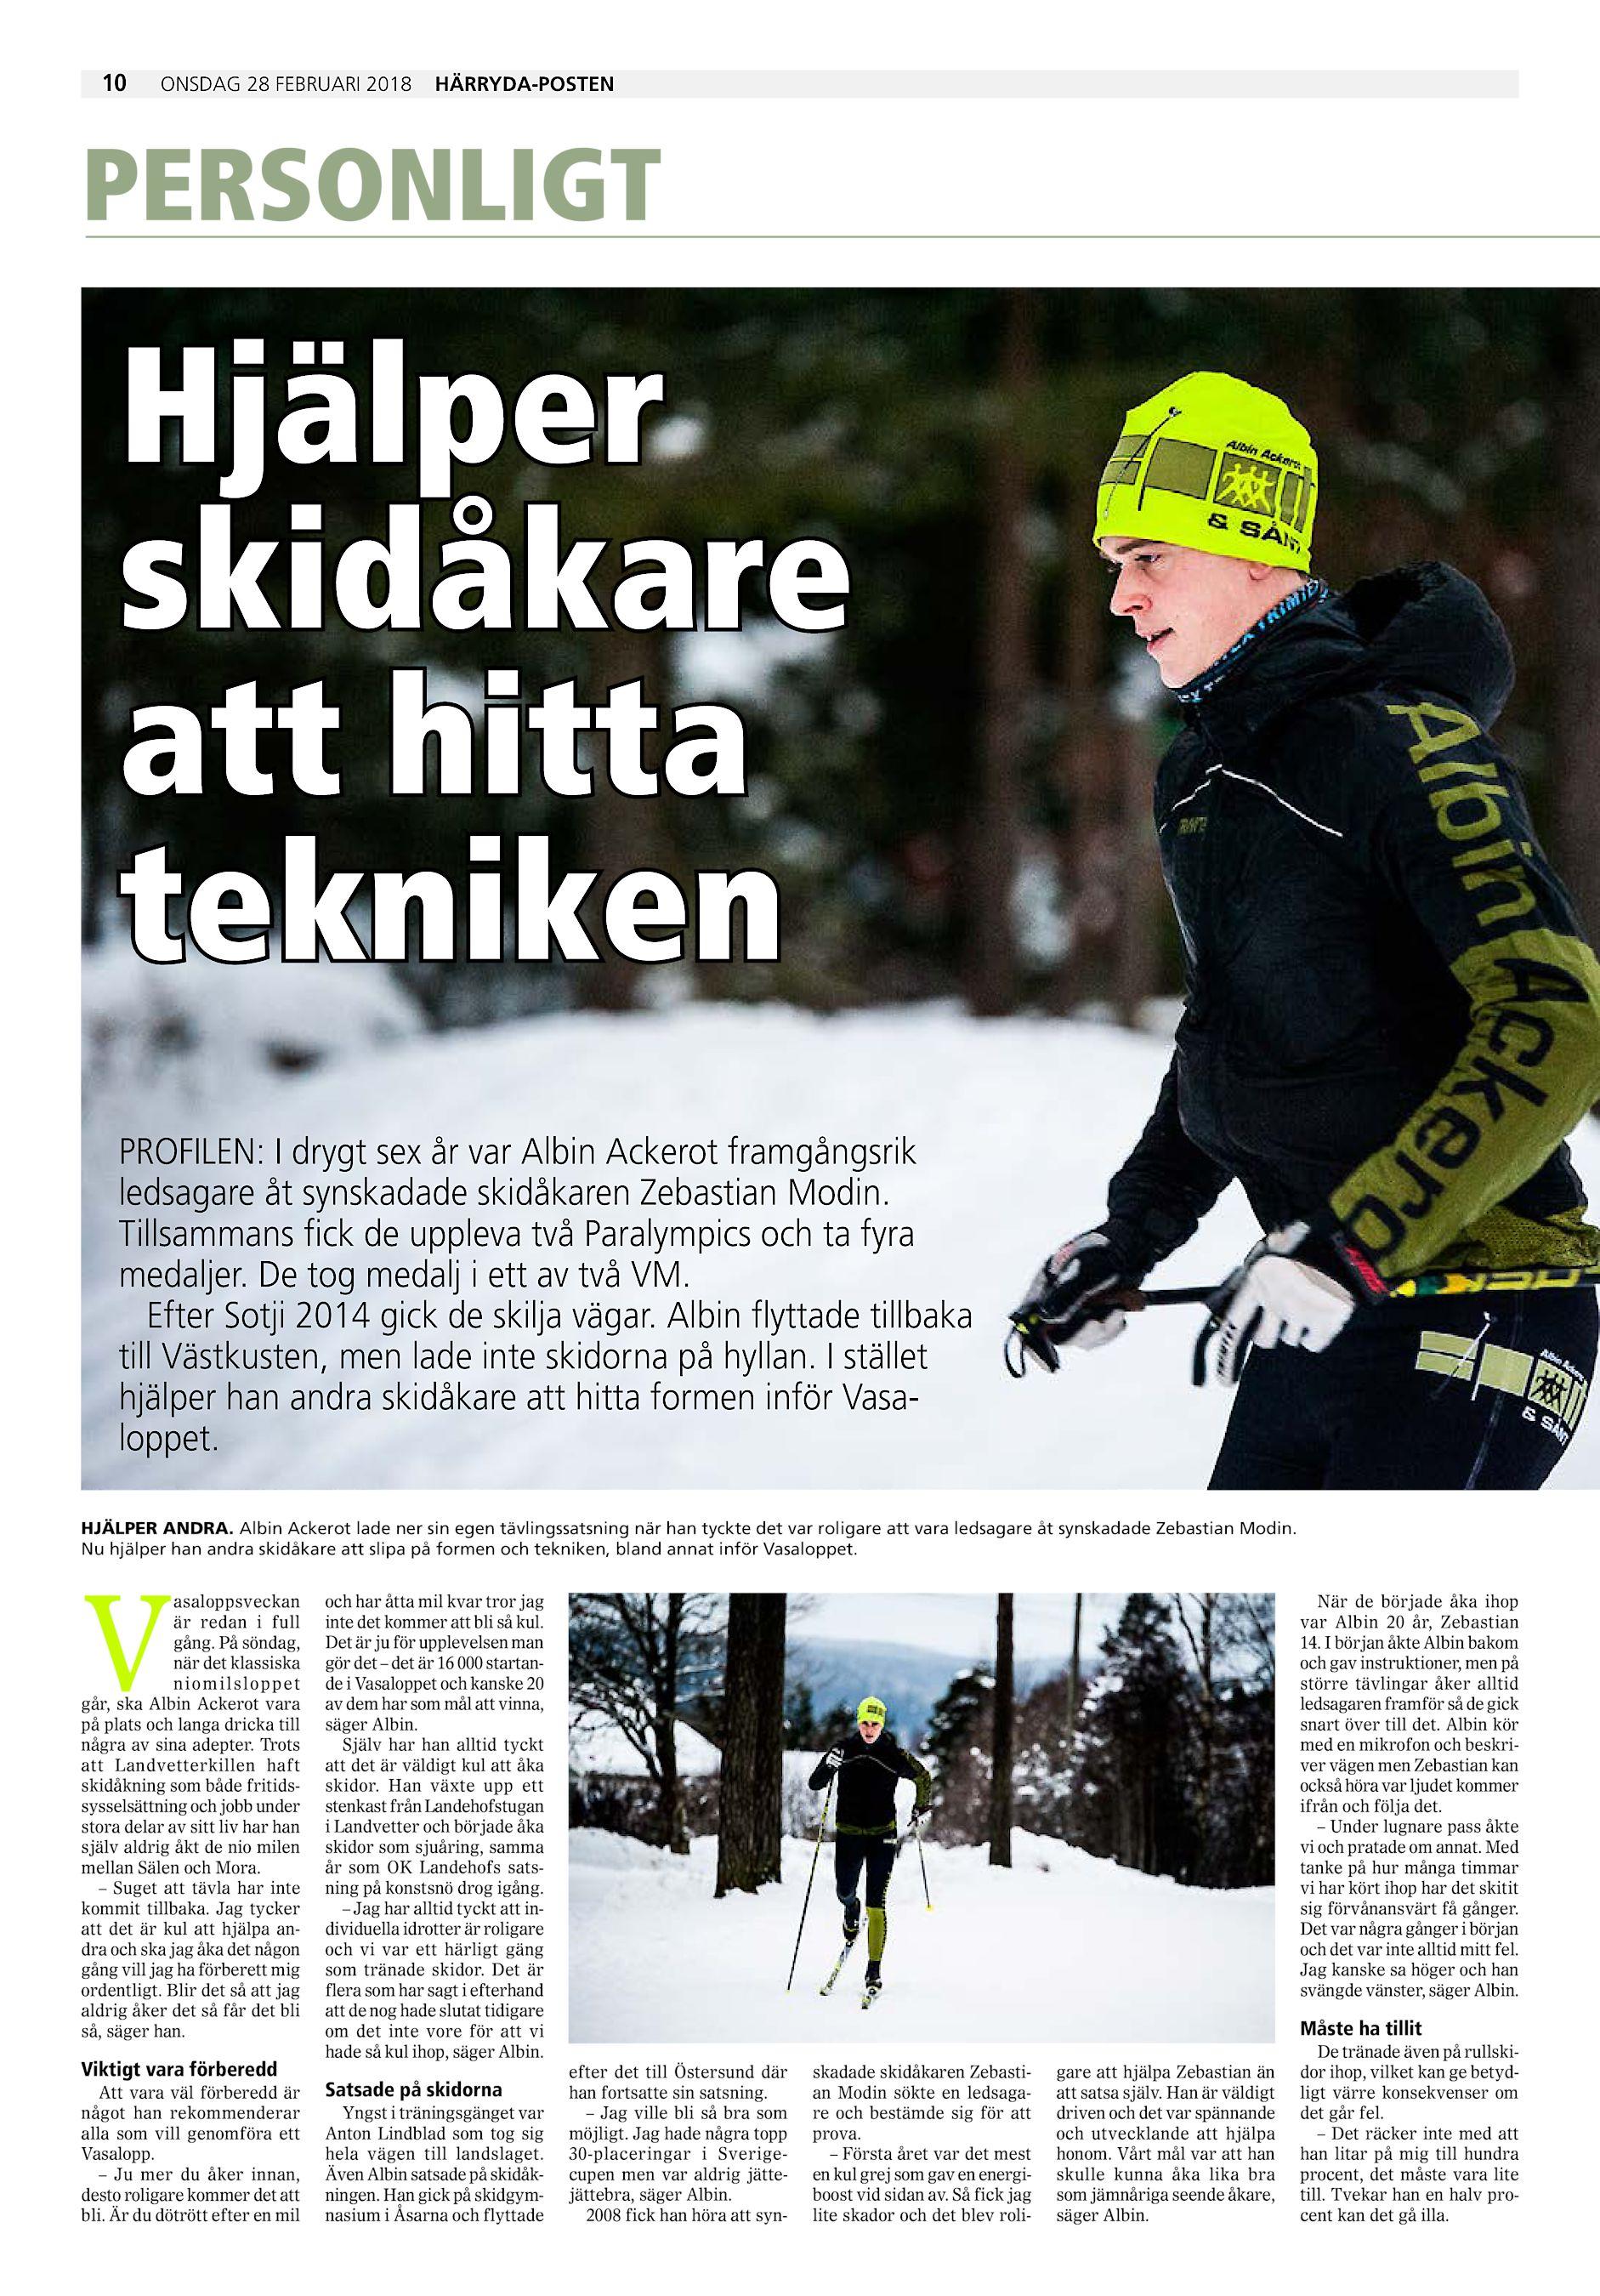 Anne Snellman, Bursenvgen 10, Hrryda | unam.net